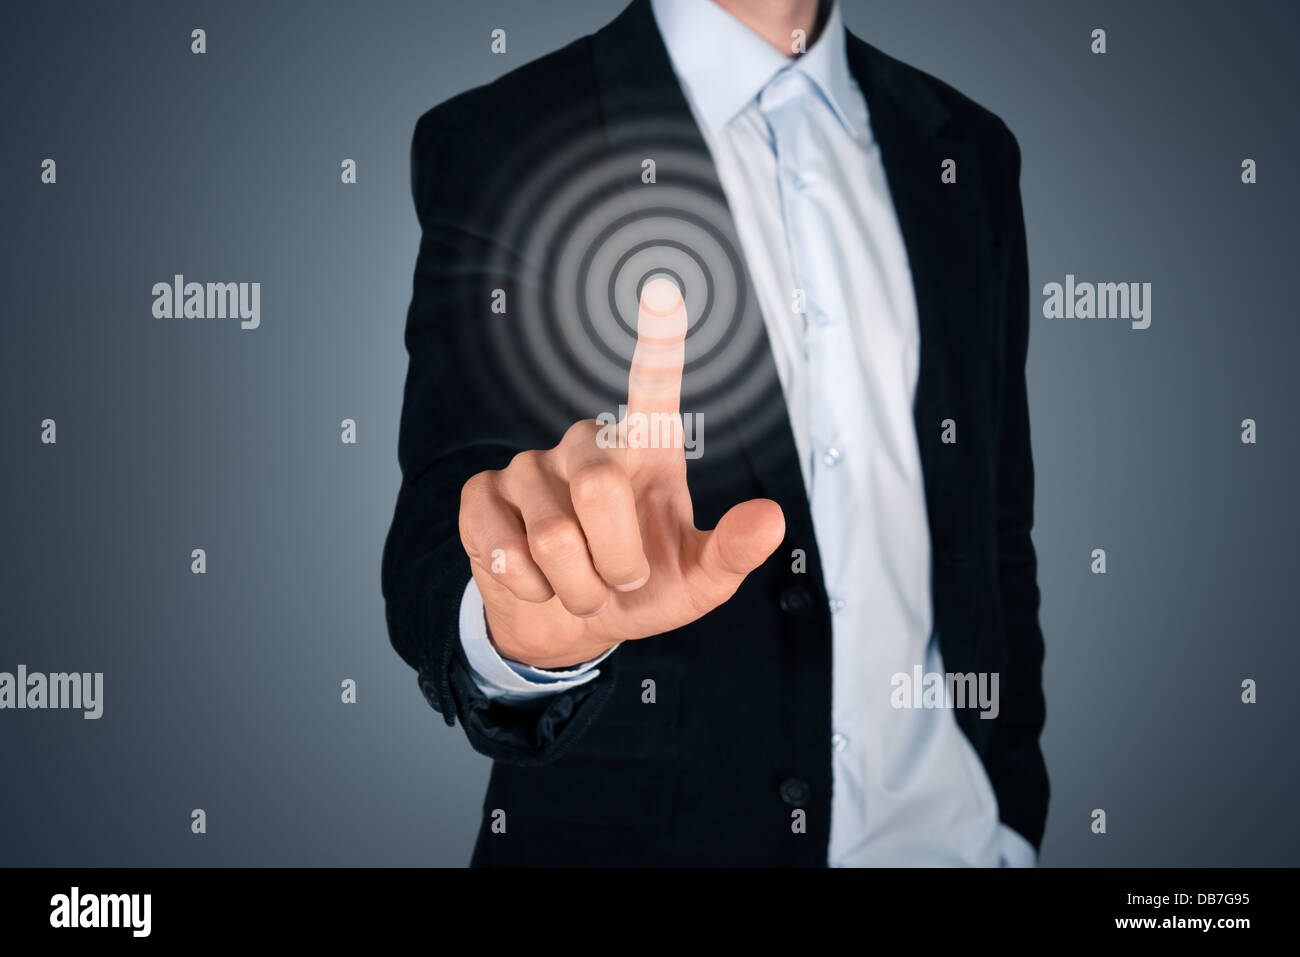 Ritratto di persona d'affari toccando il pulsante su schermo invisibile. Touch screen Concetto di immagine. Isolato Foto Stock